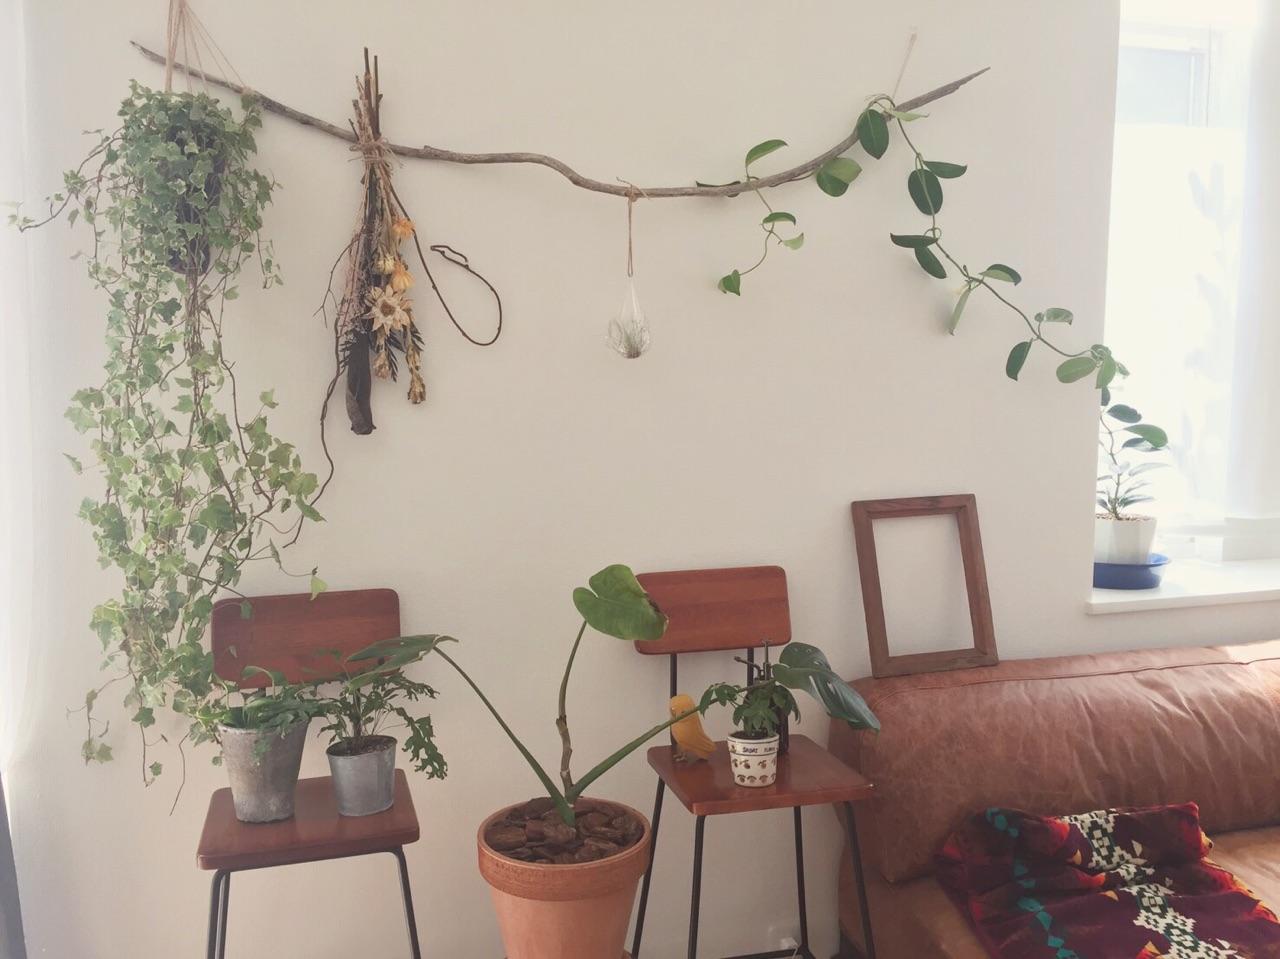 流木にドライフラワーをぶら下げたり、つる性の植物を絡ませたり、うまく活用していますね。 @mituleacさん提供